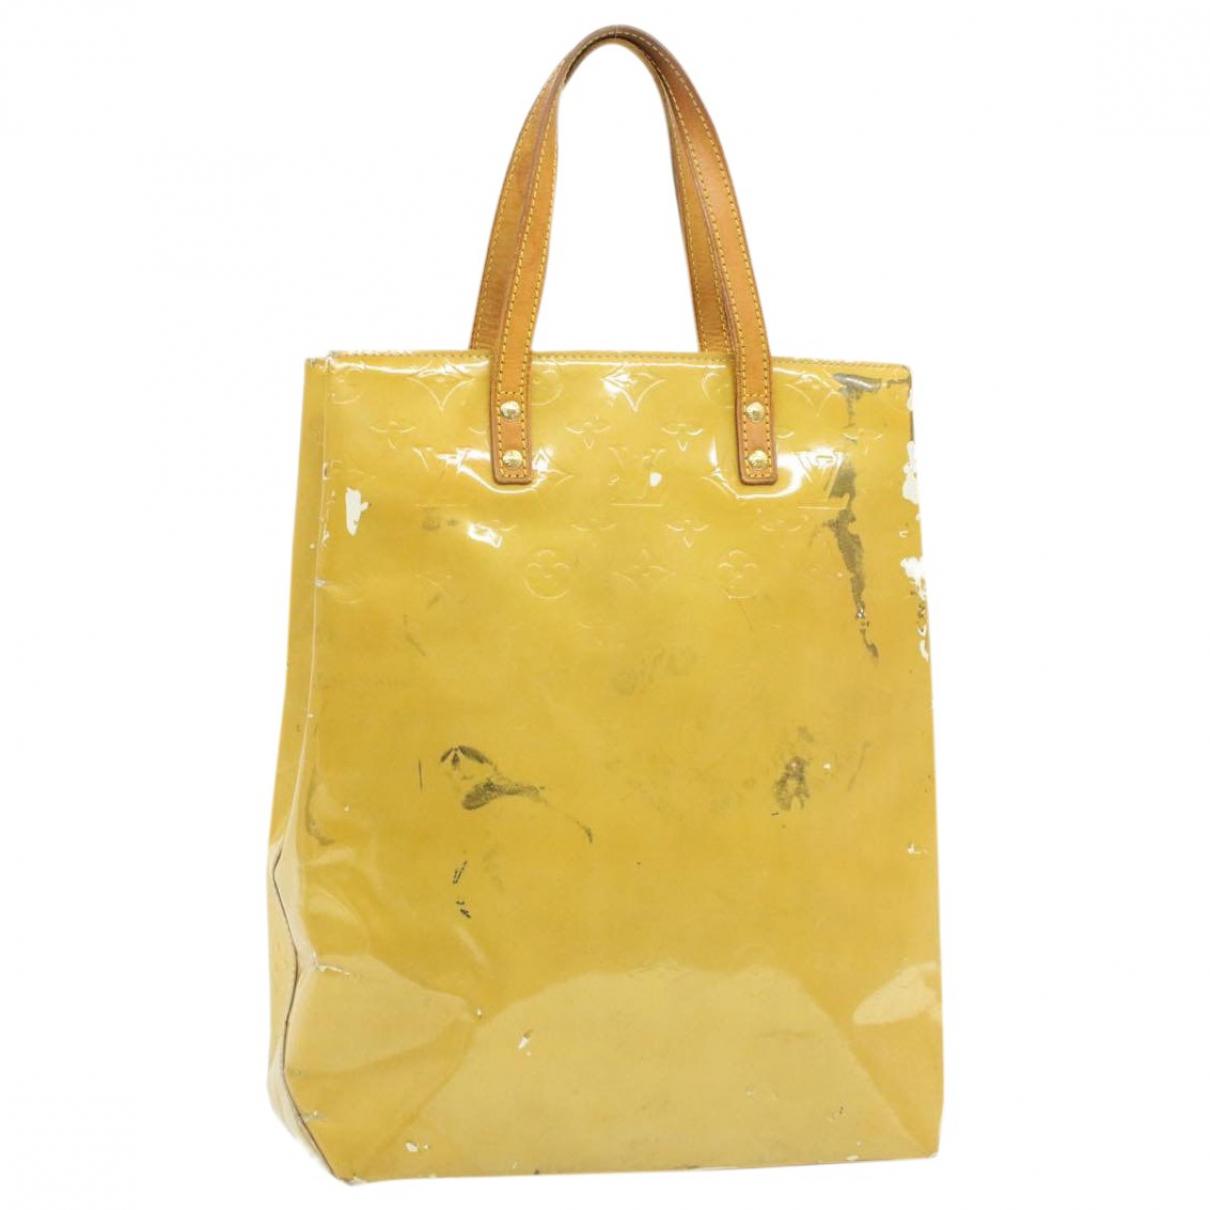 Louis Vuitton - Sac a main Reade pour femme en toile - beige